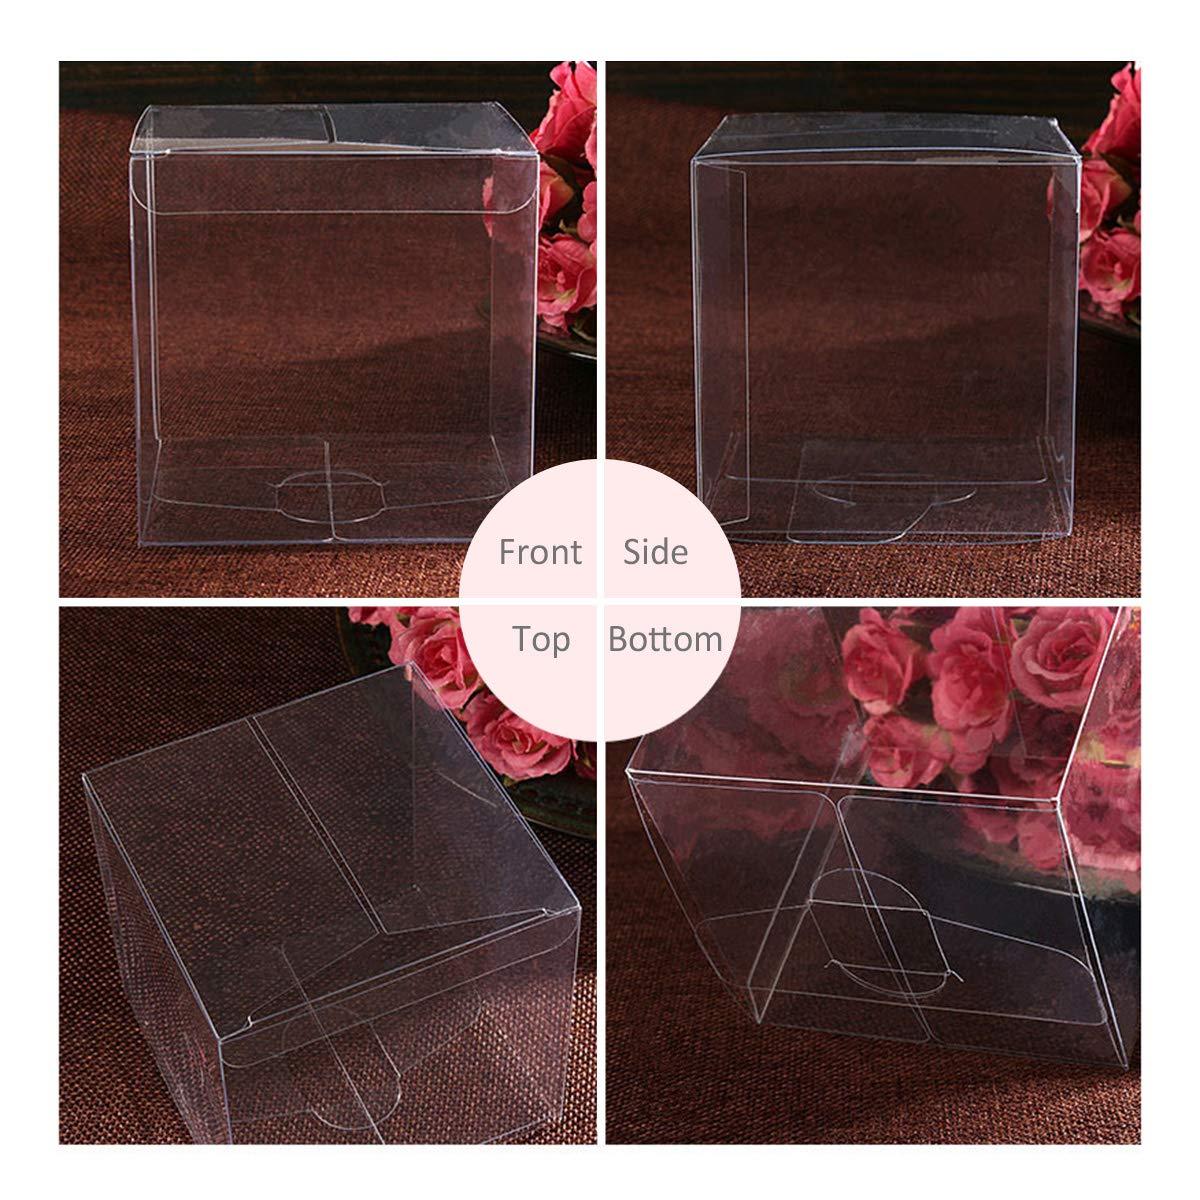 BESTONZON 25 st/ücke 4x4x4 cm Durchsichtigen Kunststoff PVC Verpackung Box Transparente Candy Apple Box f/ür Geschenk Hochzeit